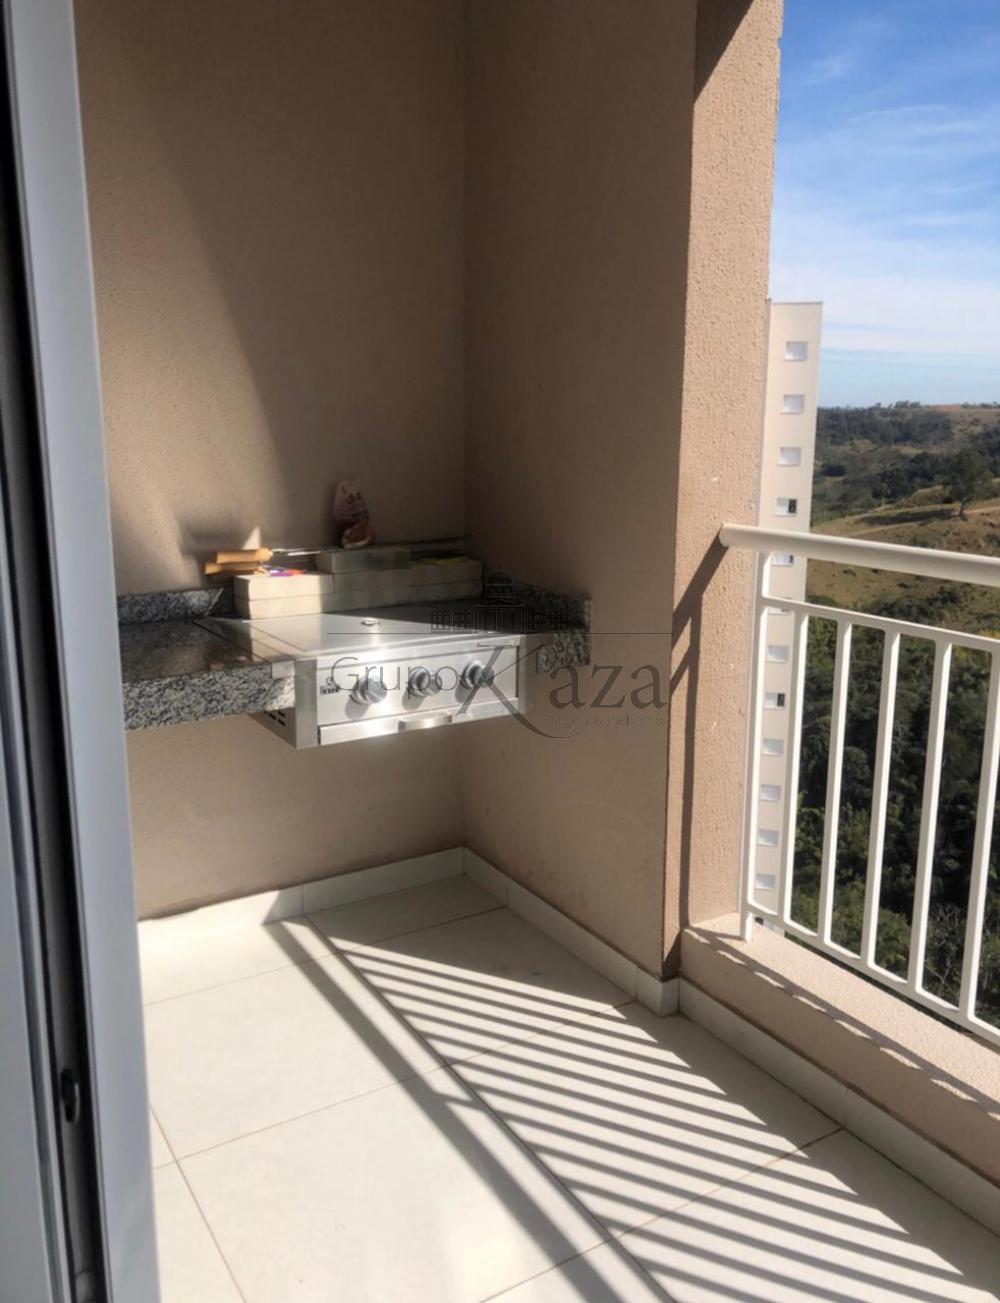 alt='Comprar Apartamento / Padrão em Jacareí R$ 380.000,00 - Foto 3' title='Comprar Apartamento / Padrão em Jacareí R$ 380.000,00 - Foto 3'